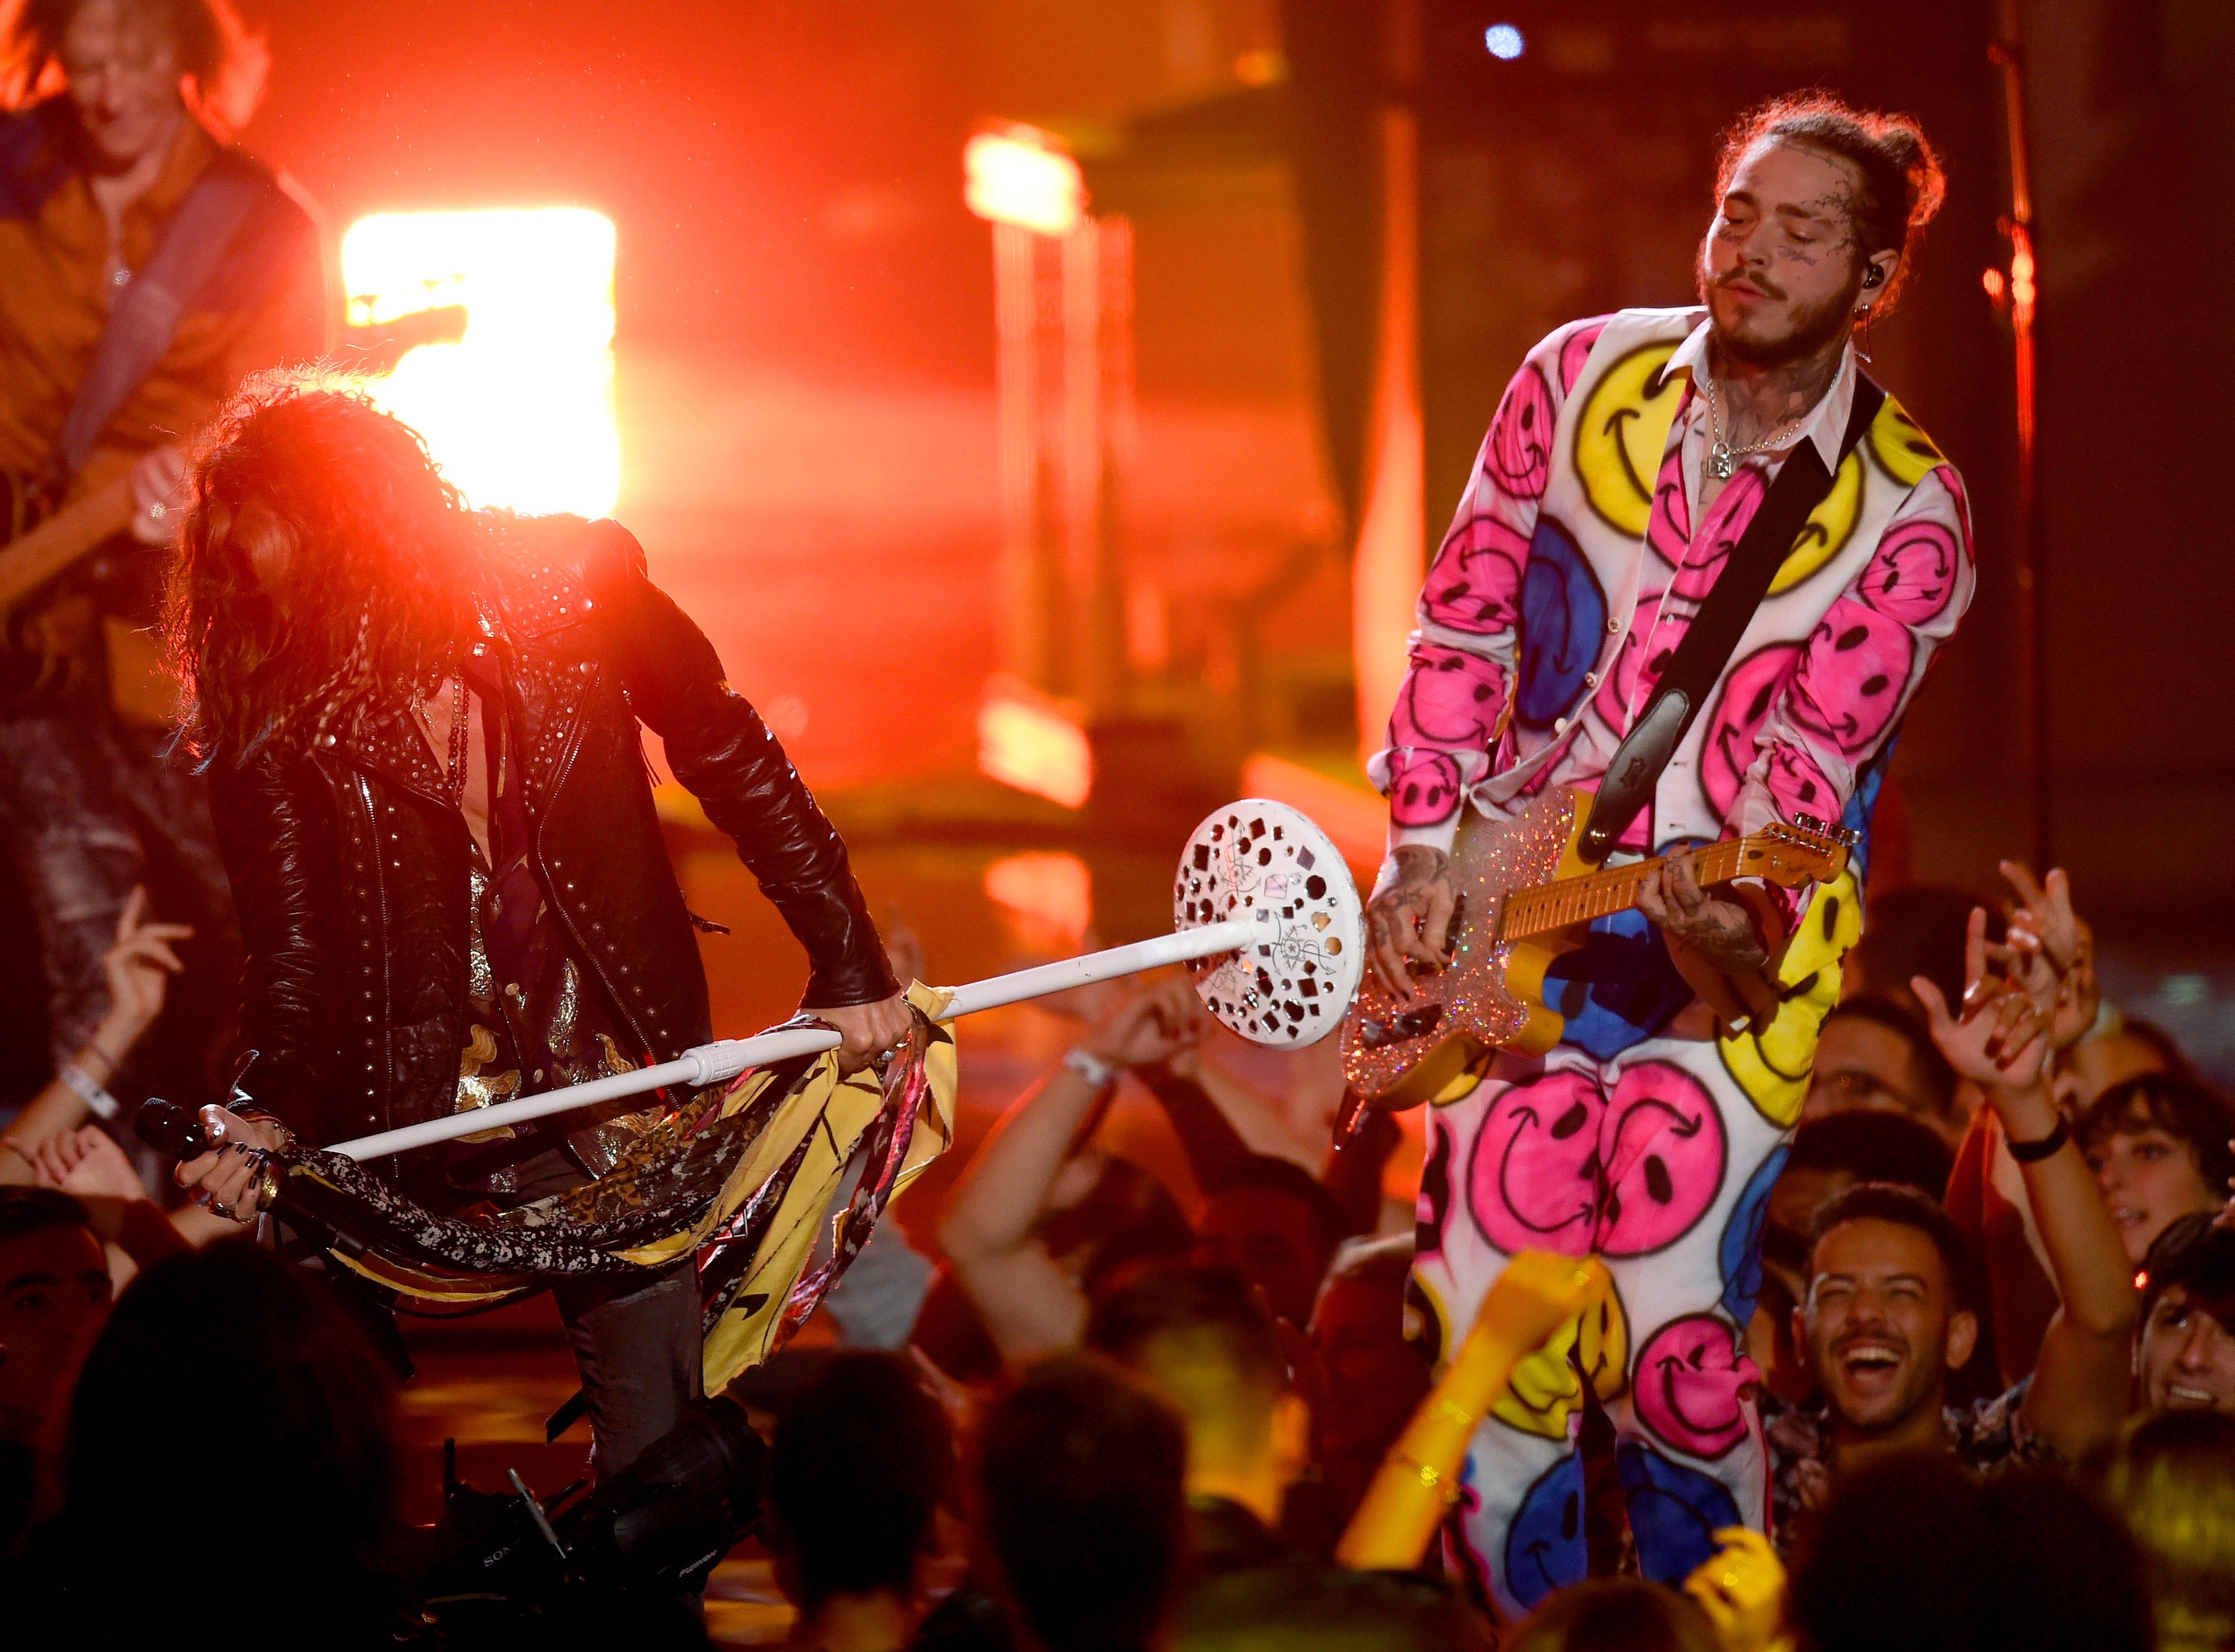 Steven Tyler de Aerosmith y Post Malone actuarán en el escenario durante los MTV Video Music Awards de 2018 en el Radio City Music Hall el 20 de agosto de 2018 en la ciudad de Nueva York.